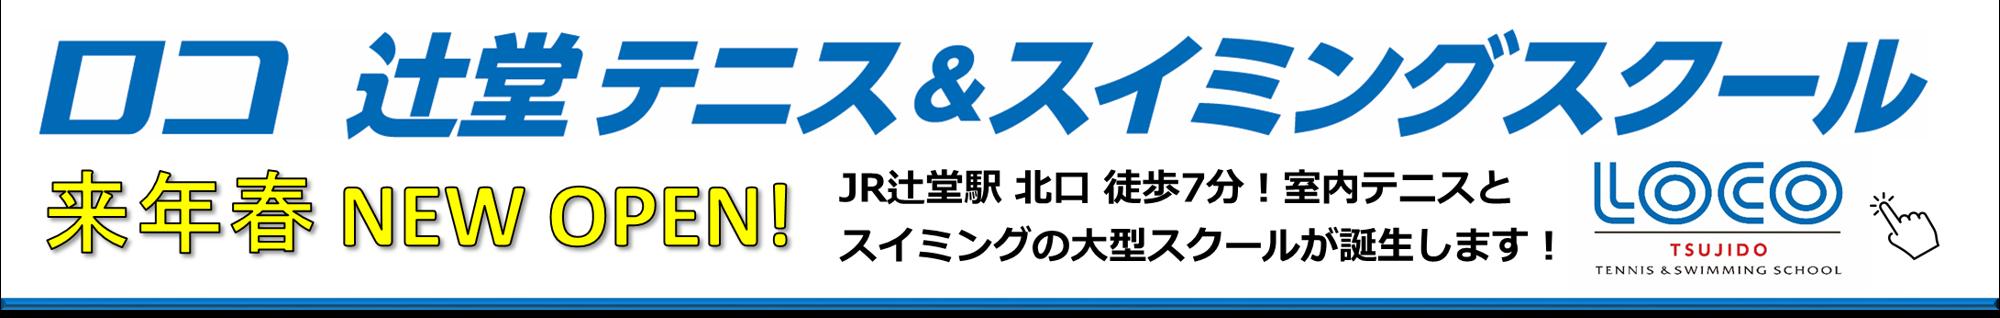 ロコ辻堂 テニス&スイミングスクール 来年春 NEW OPEN